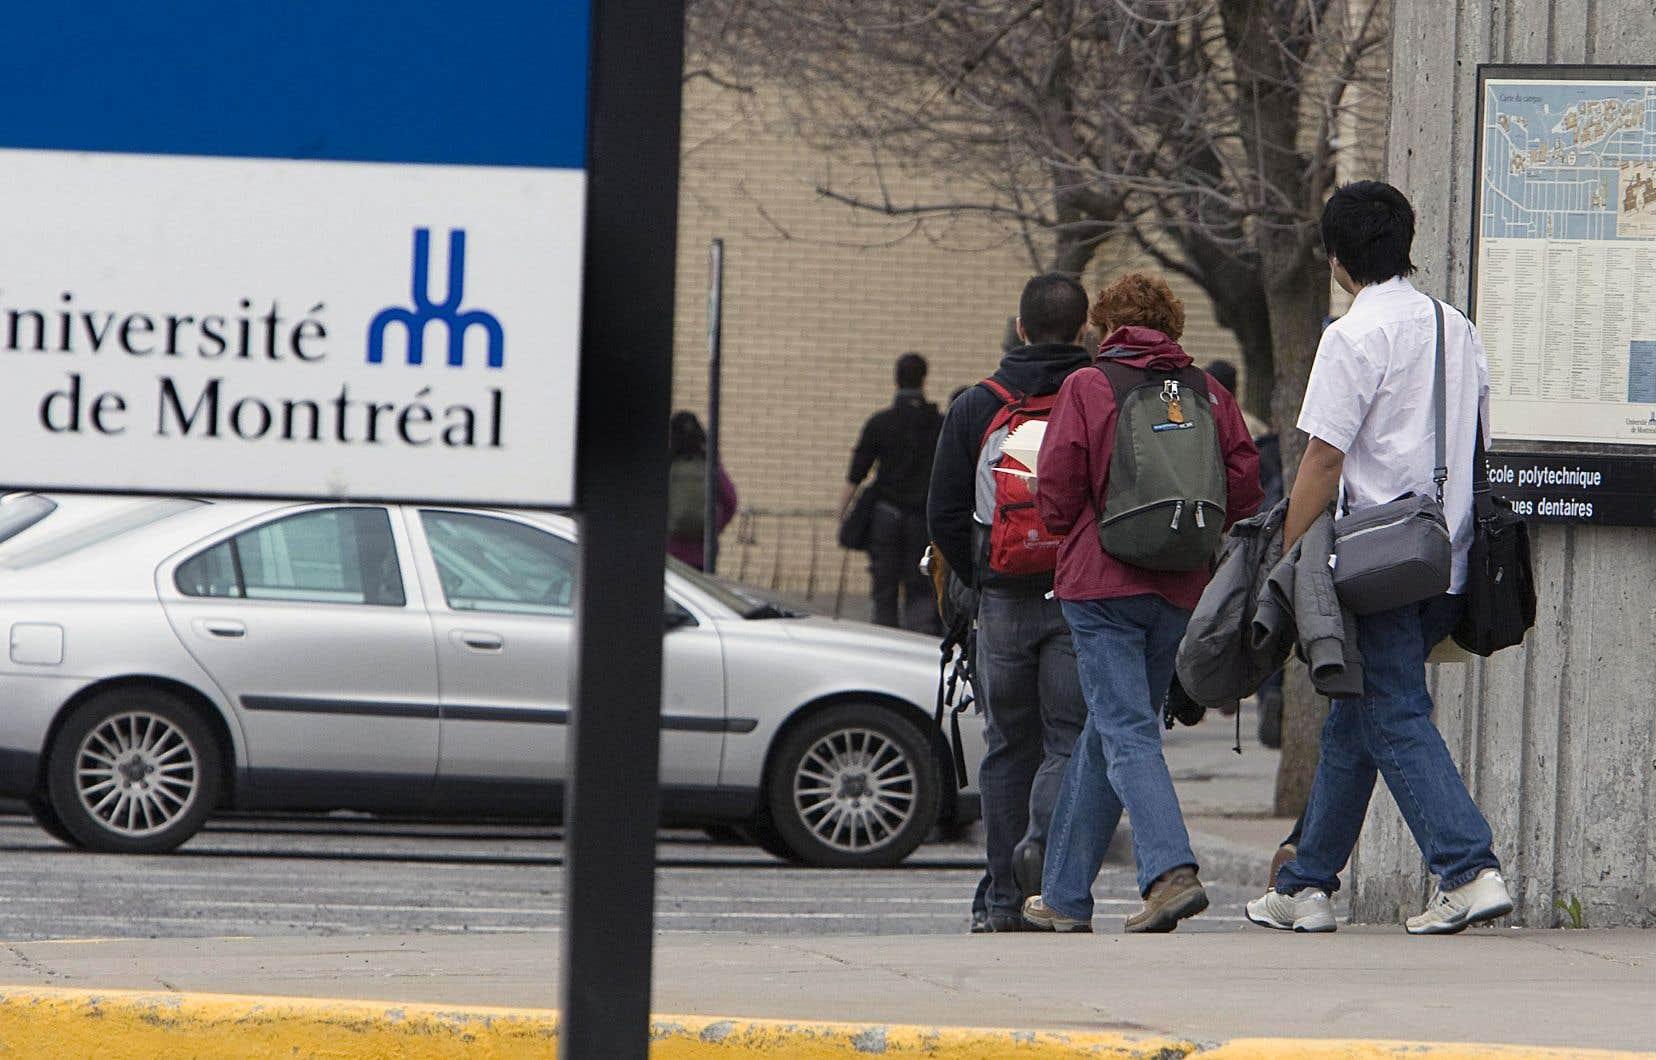 La Fédération des associations étudiantes de l'Université de Montréal se dit «relativement satisfaite du contenu» de la politique, se réjouissant d'y retrouver plusieurs de ses recommandations.